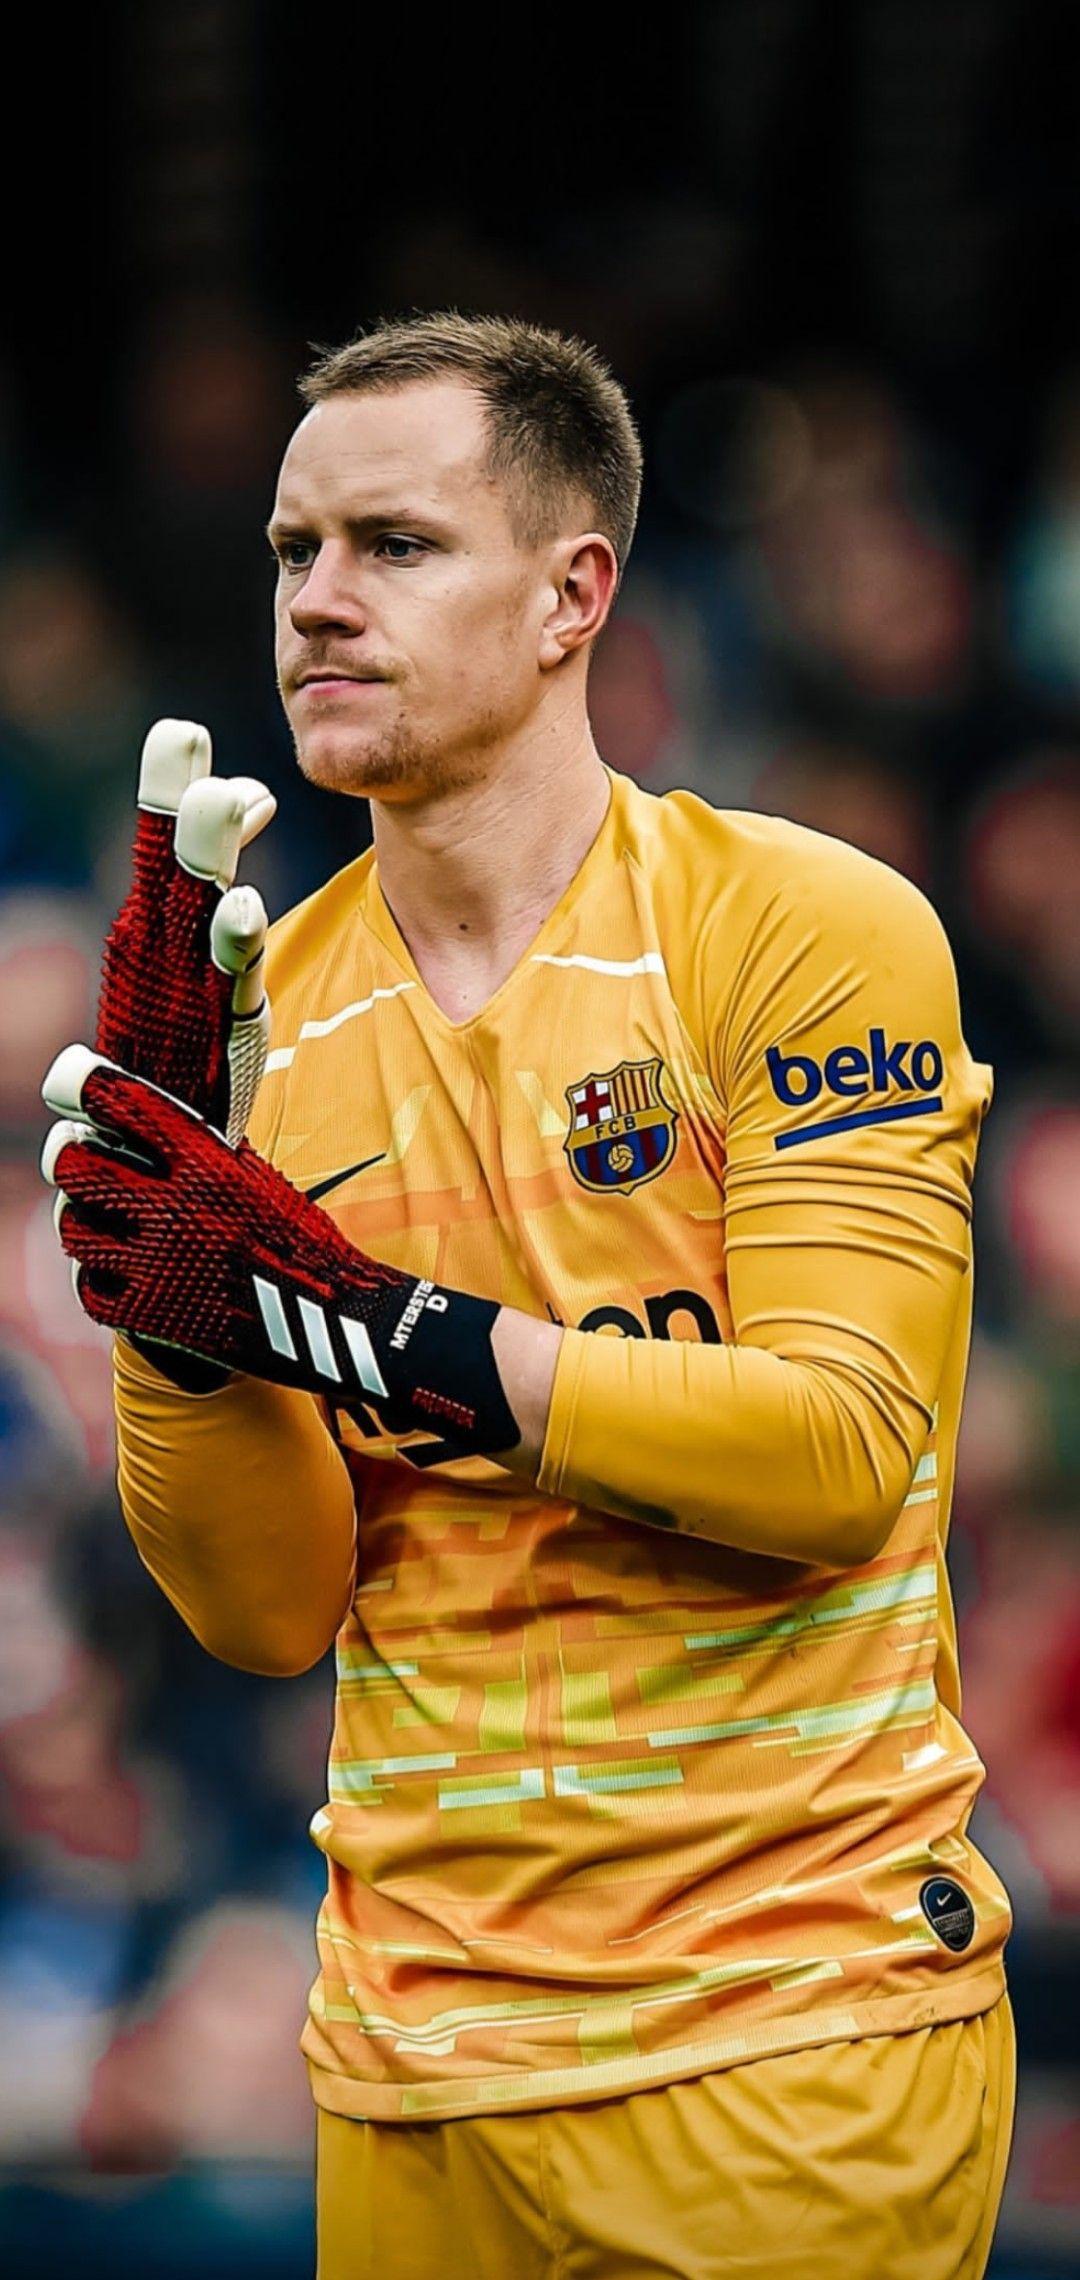 Pin on FBall - FC Barcelona